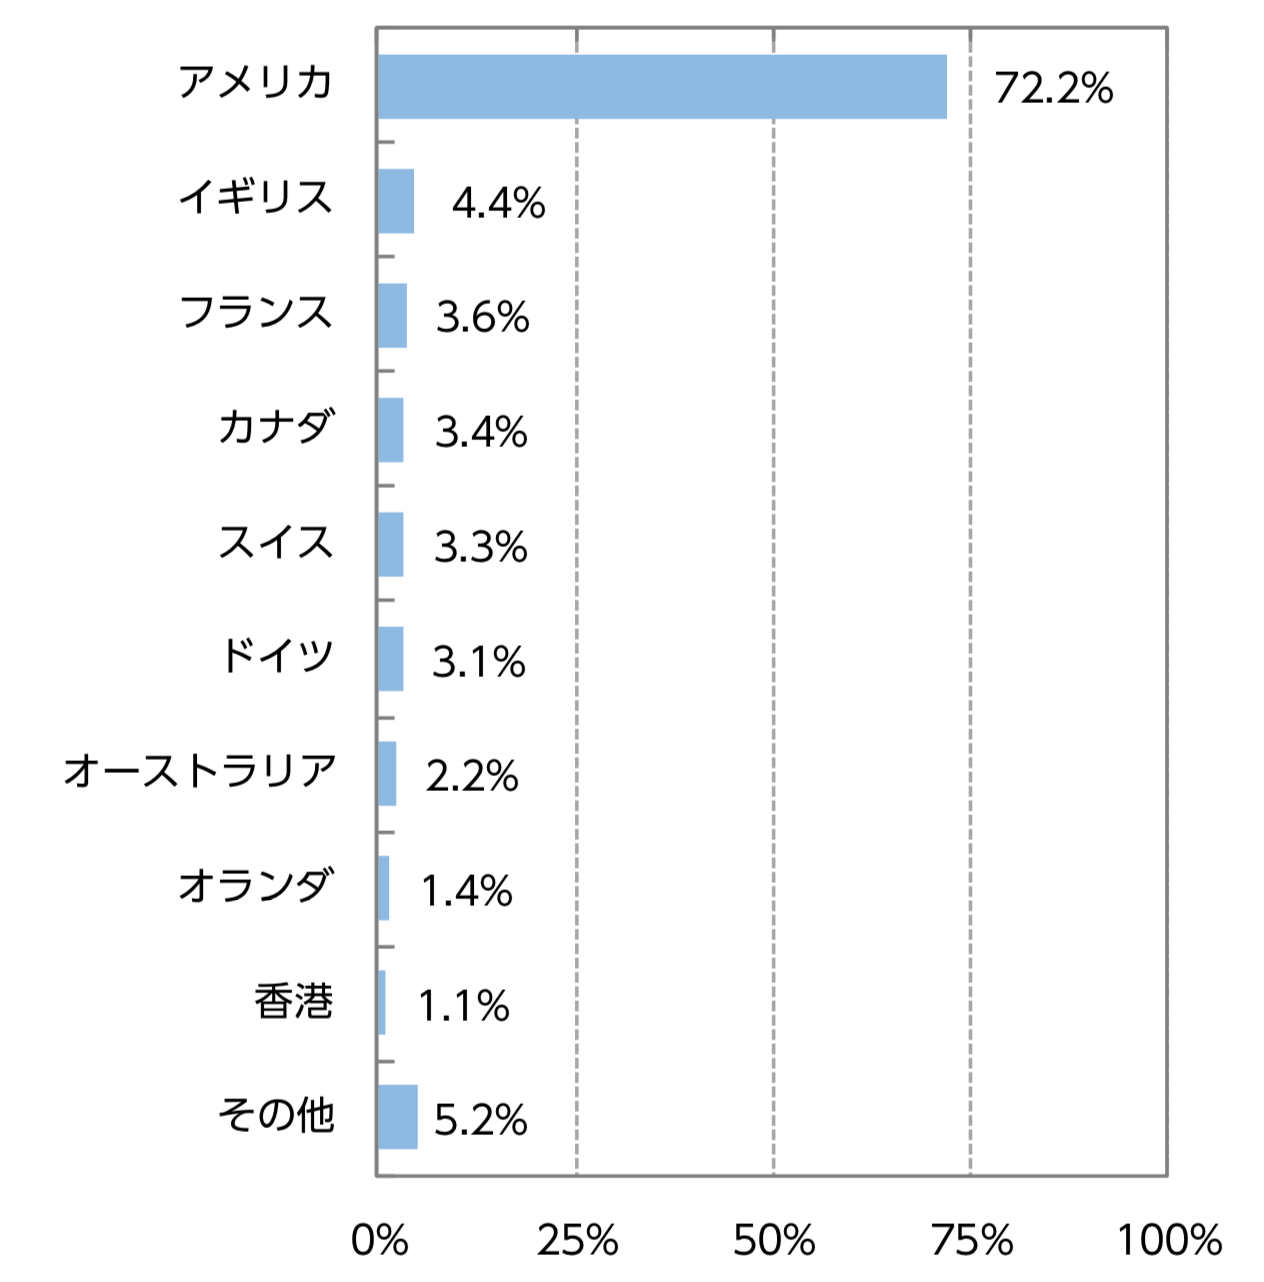 ニッセイ外国株式インデックスファンドの国別構成比率